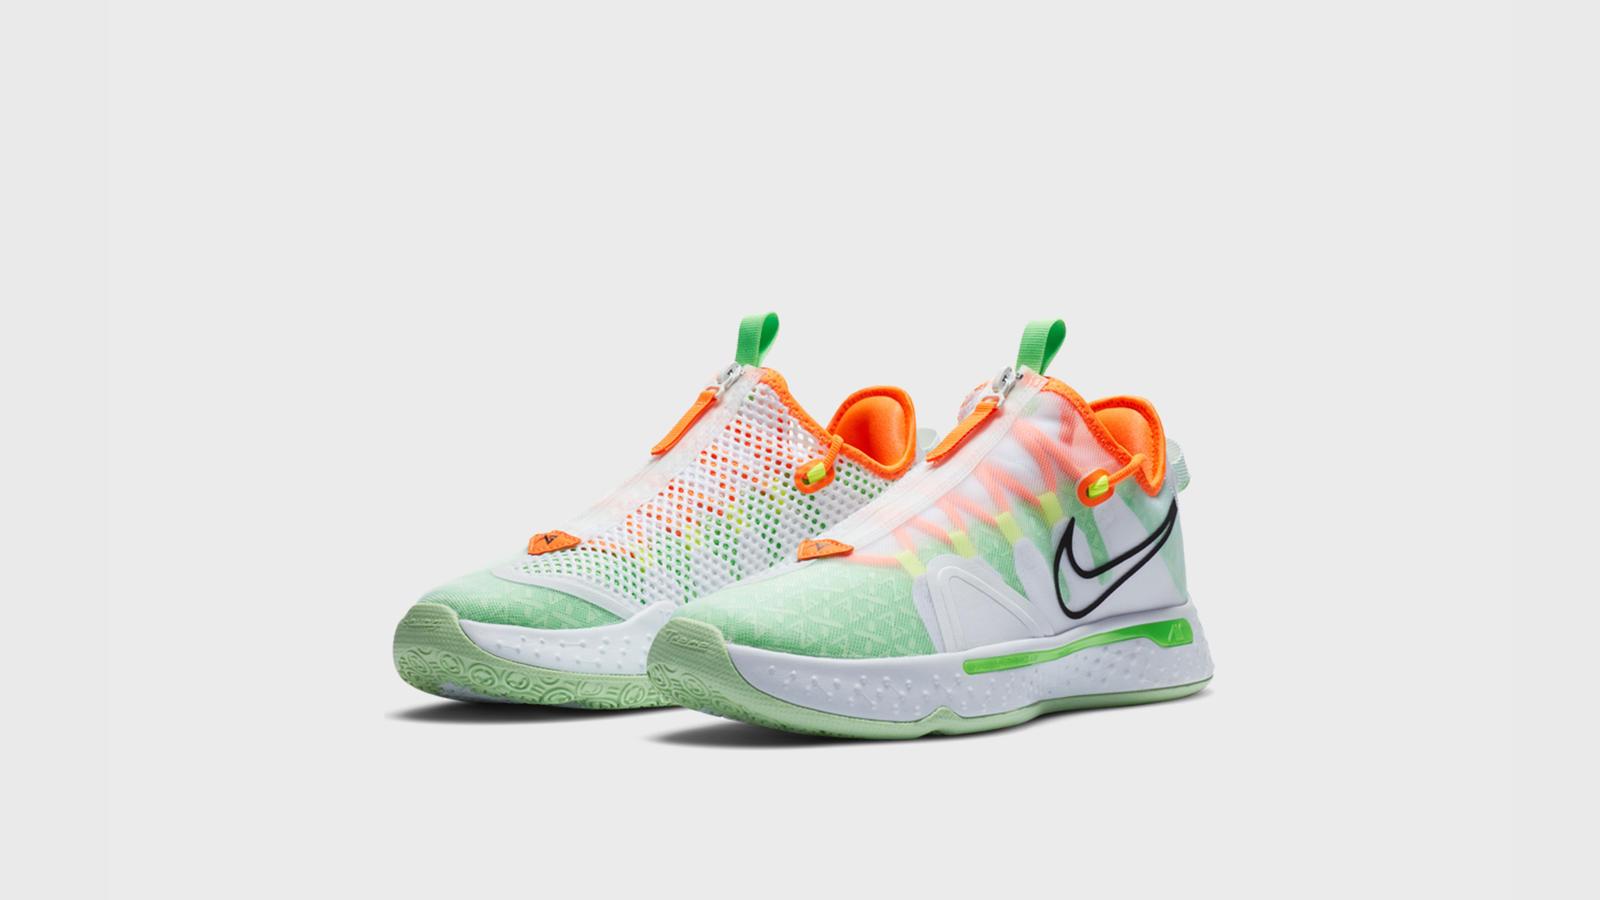 Nike Basketball Footwear NBA and WNBA Return 2020 18